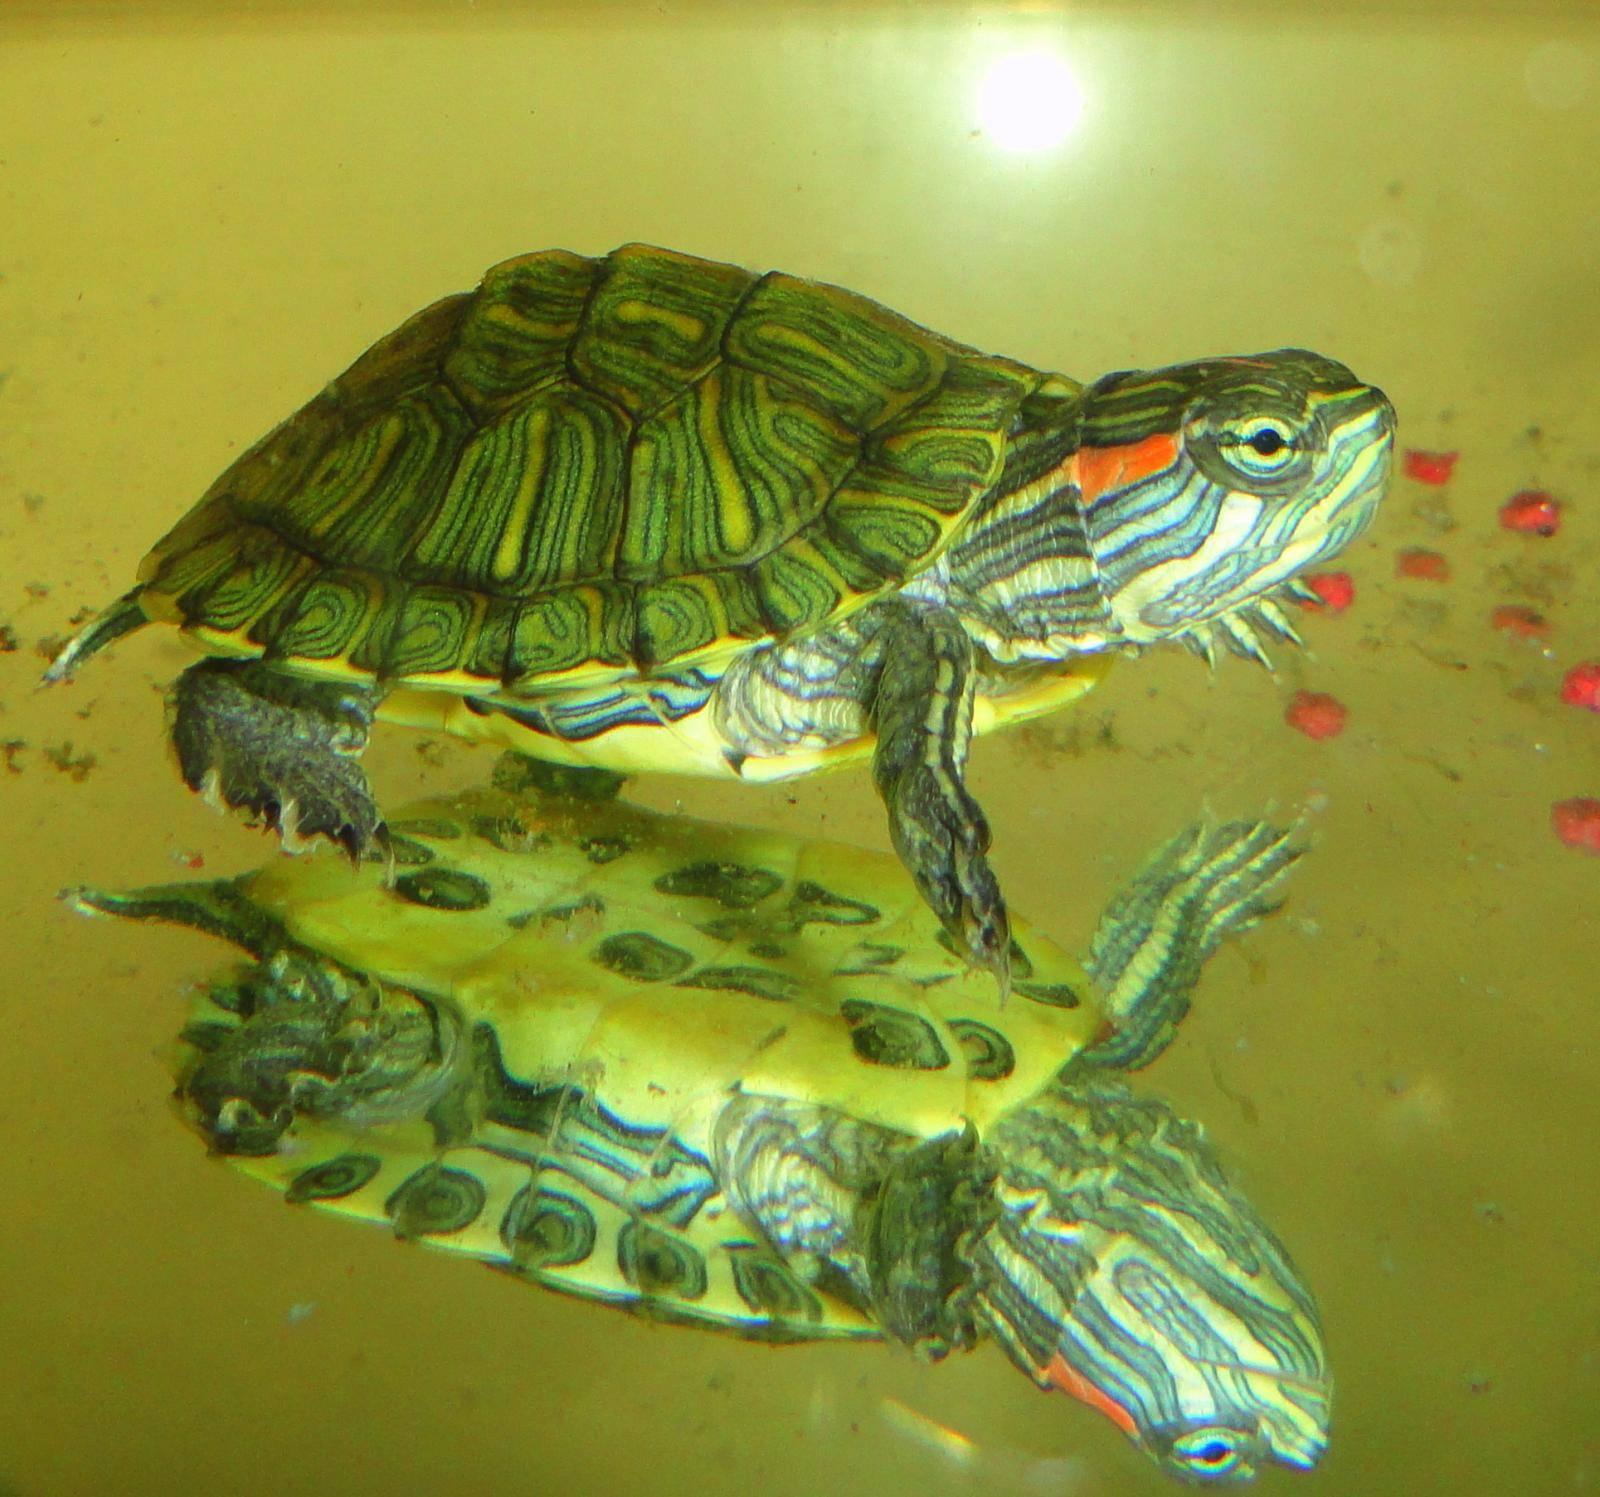 Размножение красноухих черепах